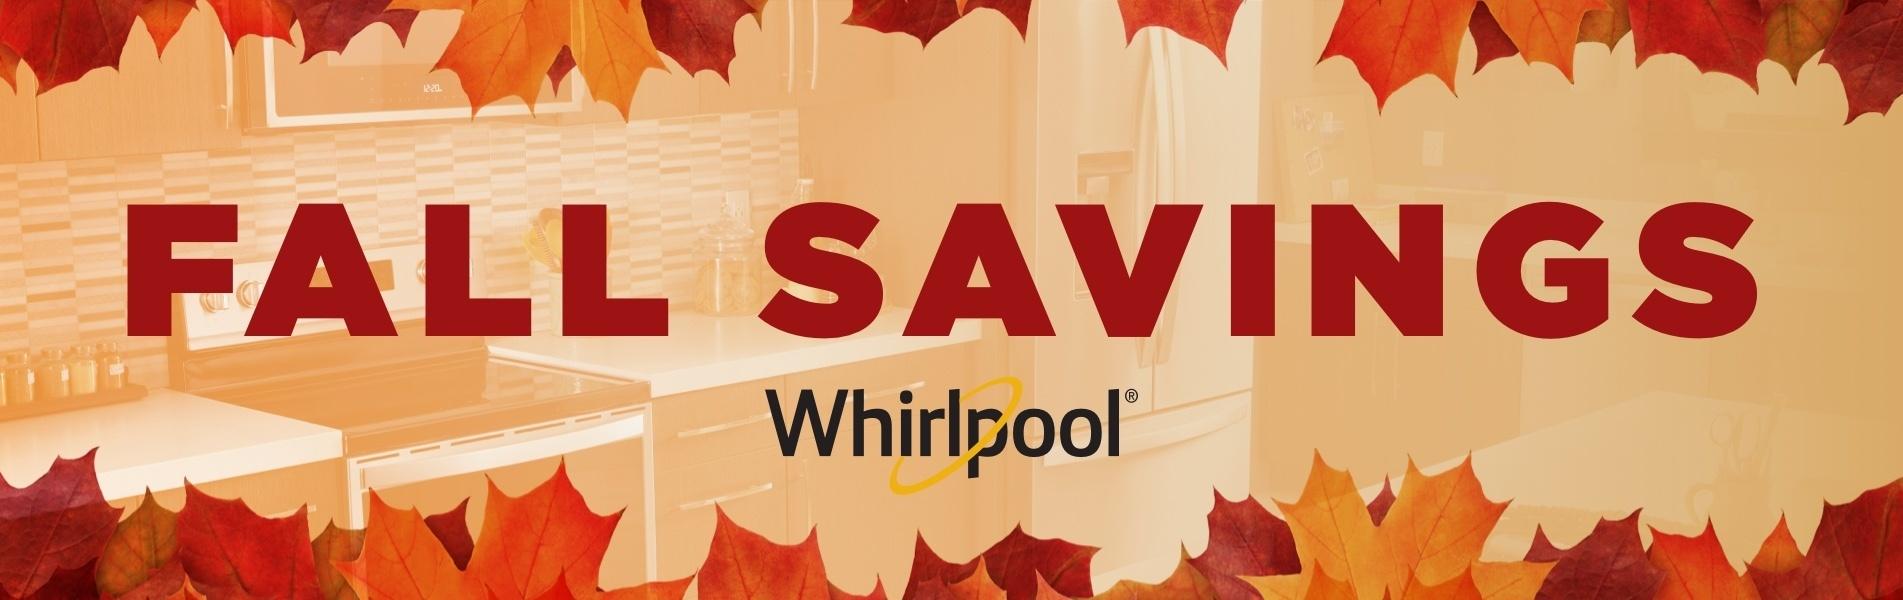 Whirlpool-FallSavings-2021